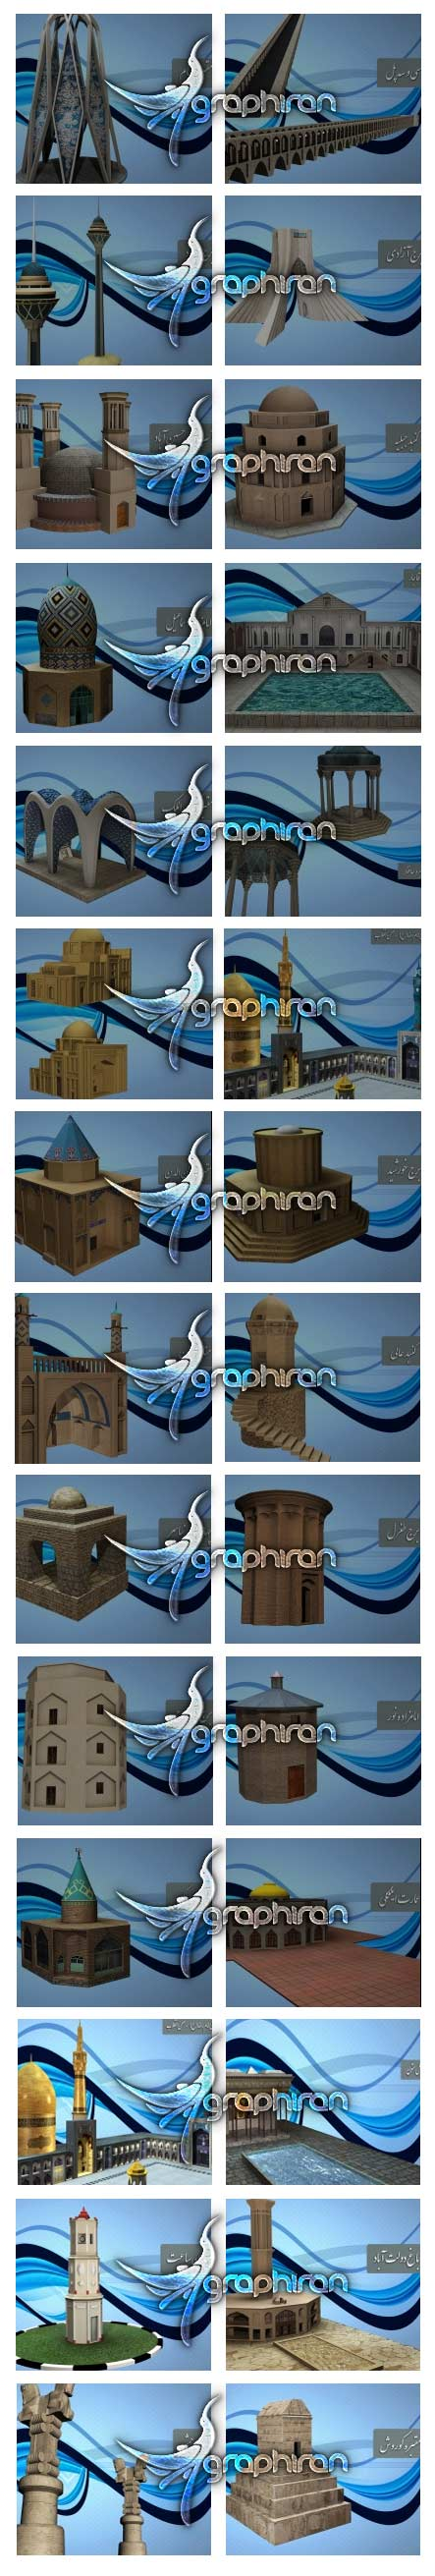 مدل های سه بعدی بناهای تاریخی ایران